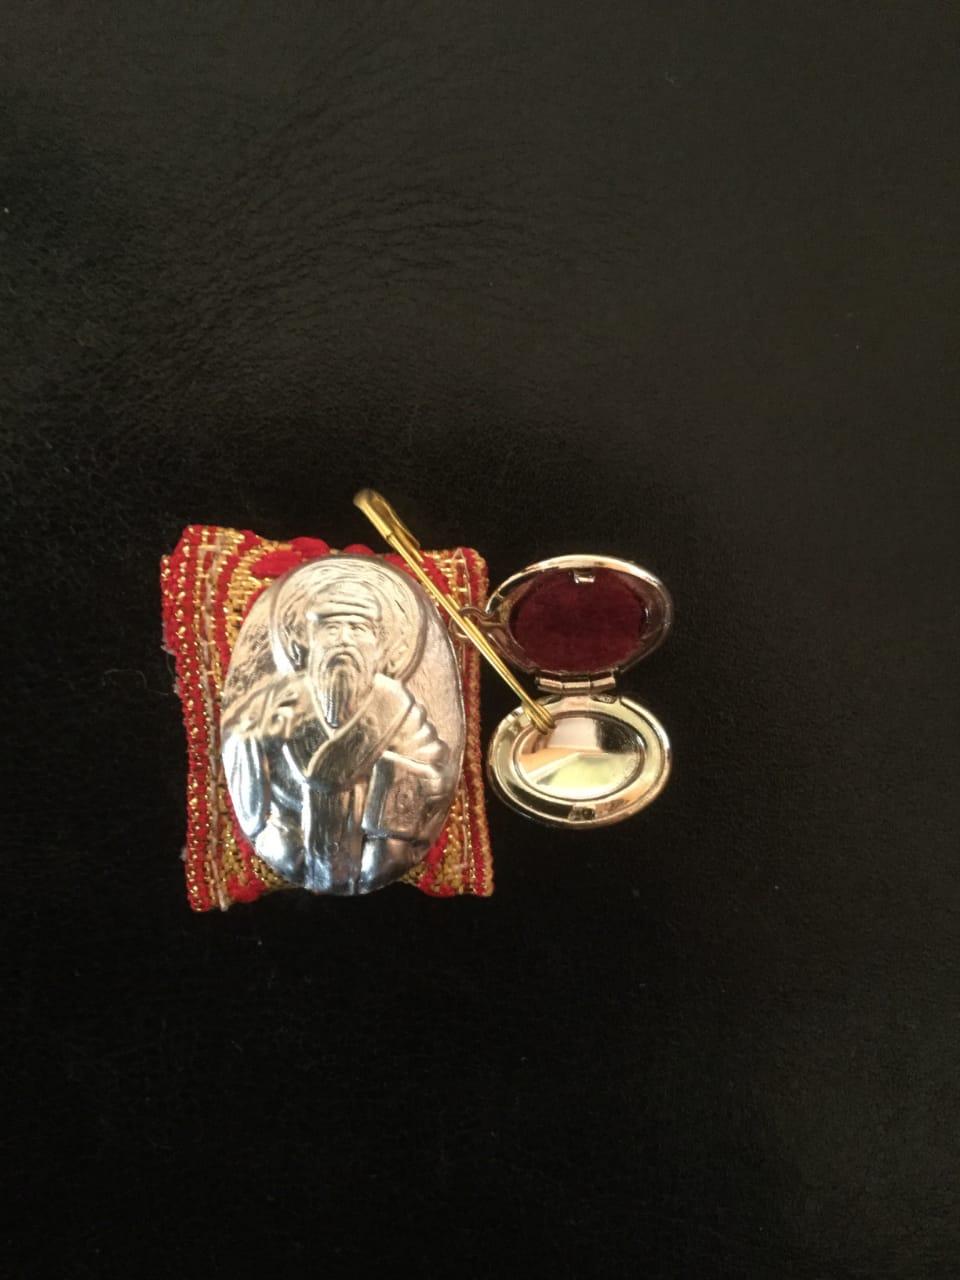 Ладанка пропитанная маслом от мощей   Спиридона Чудотворца  с частичкой башмачка Святителя